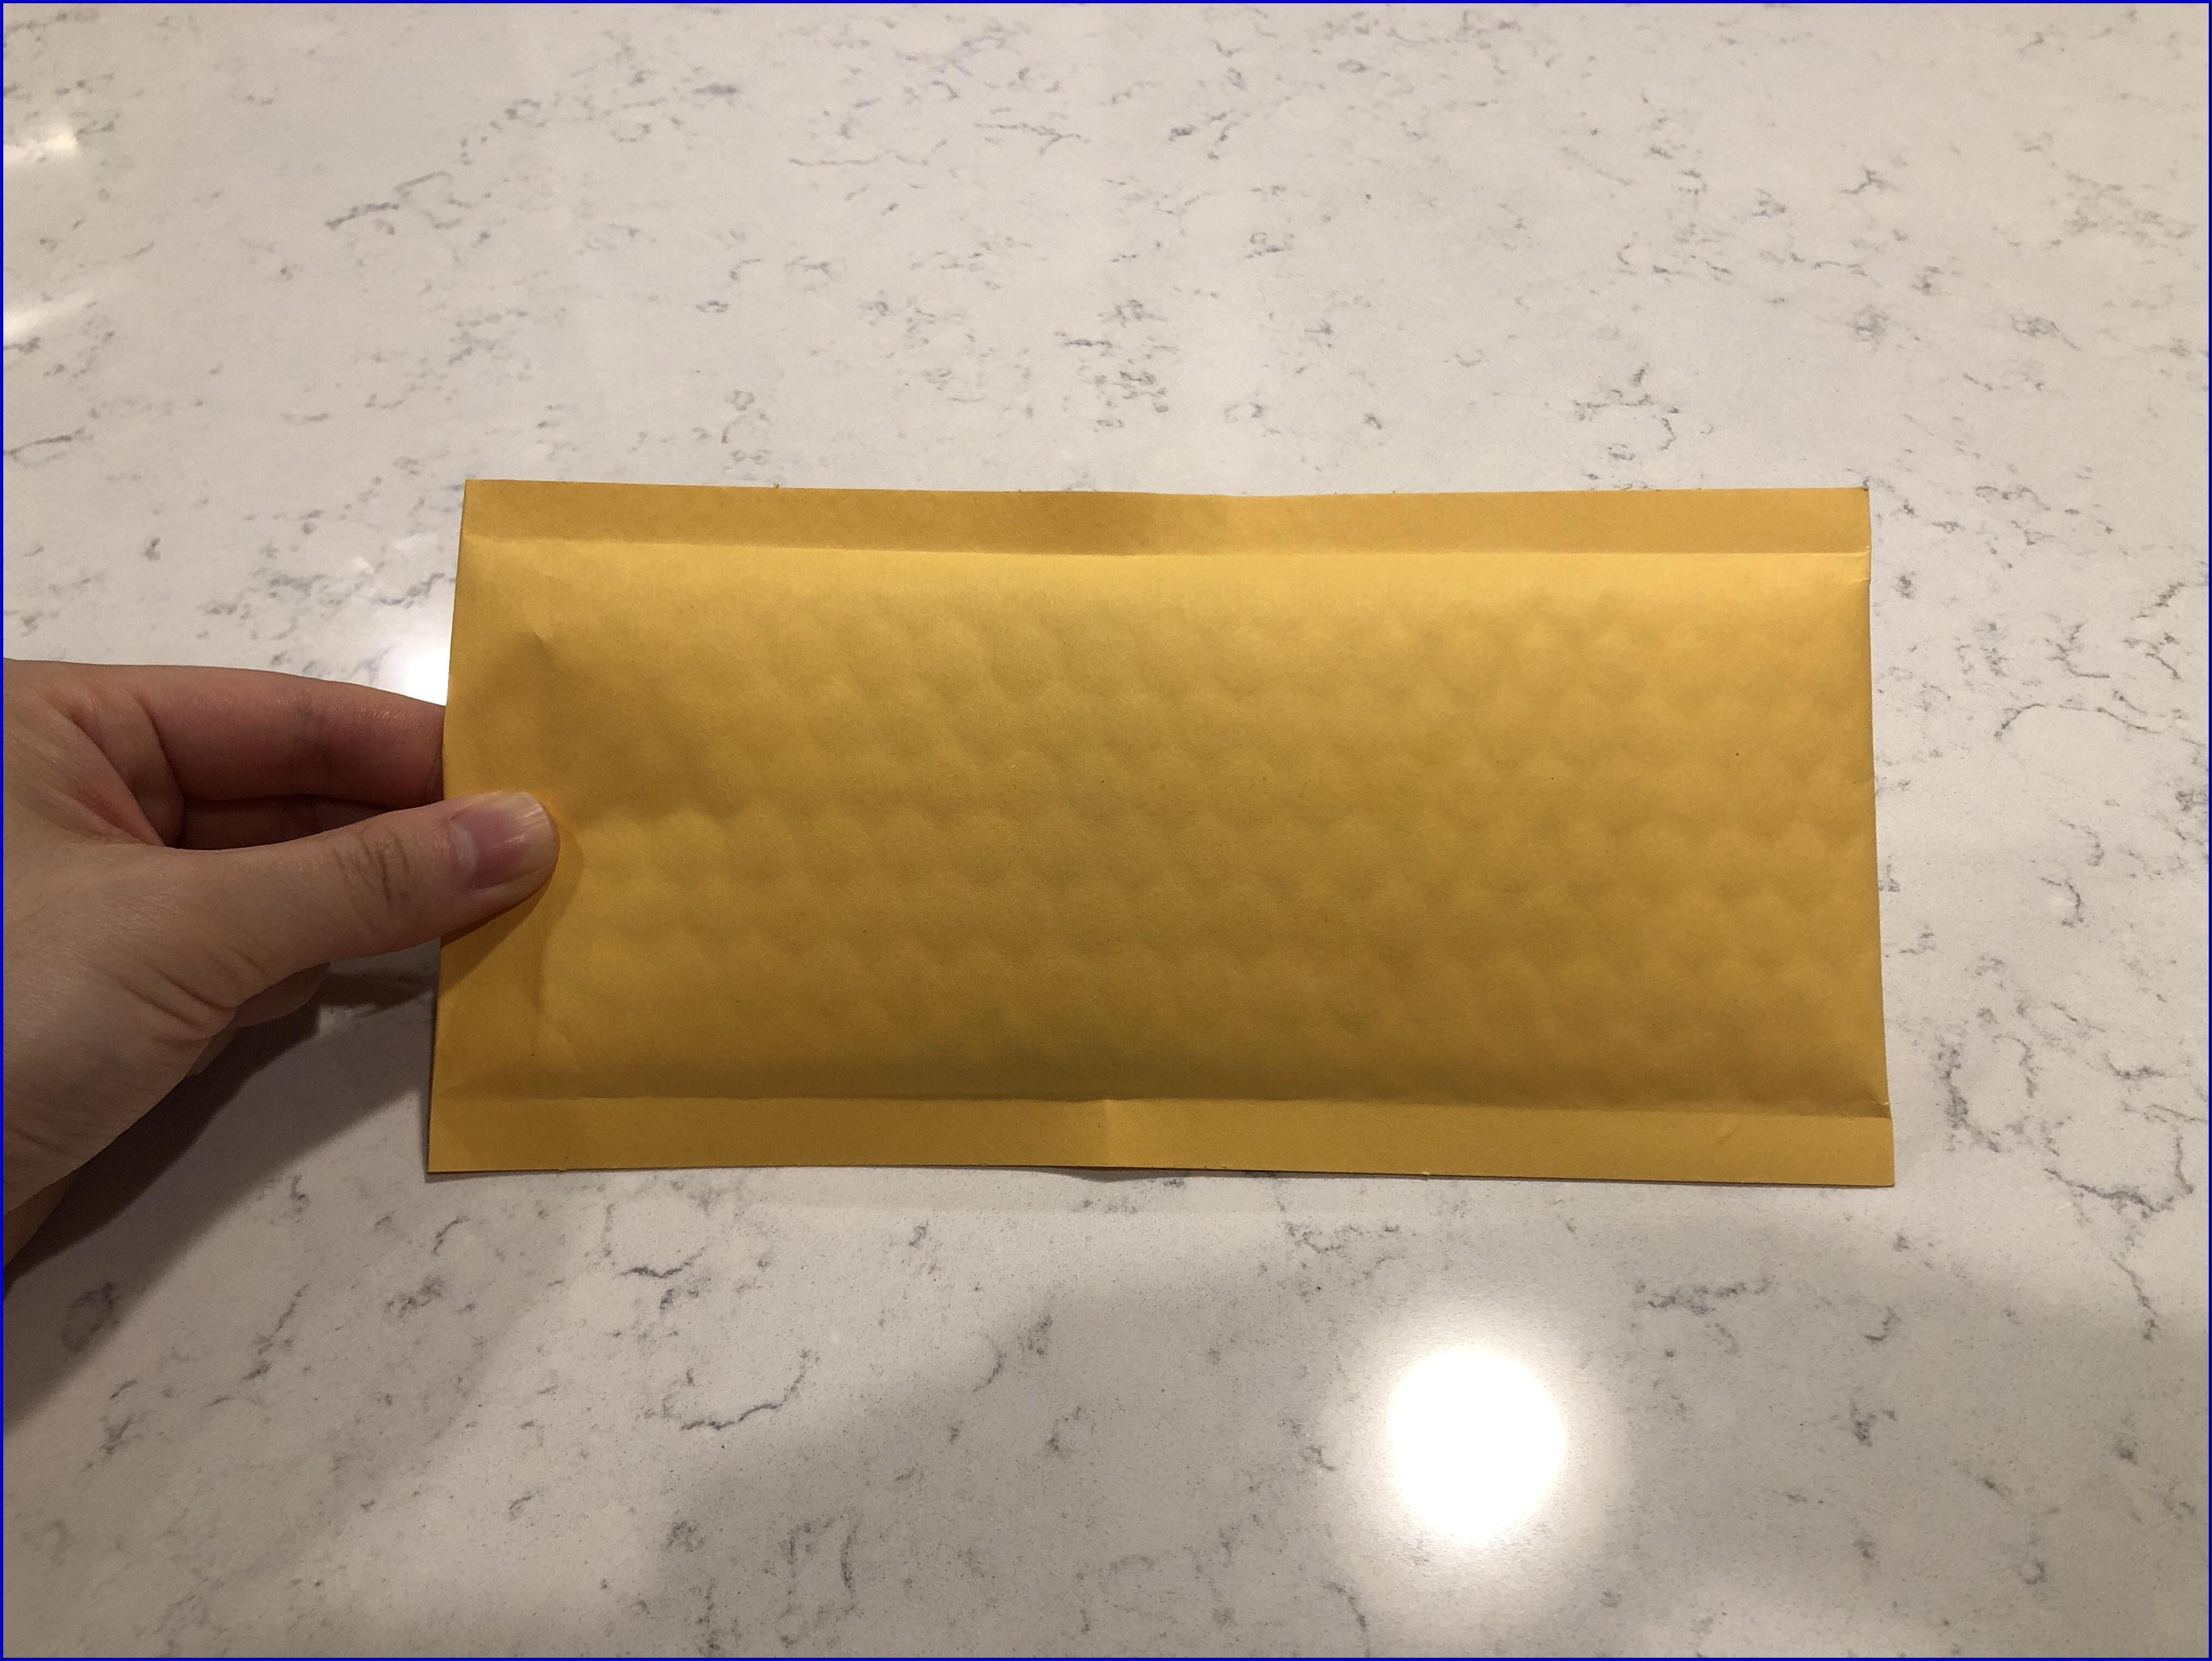 Usps Postage For 5x7 Envelope